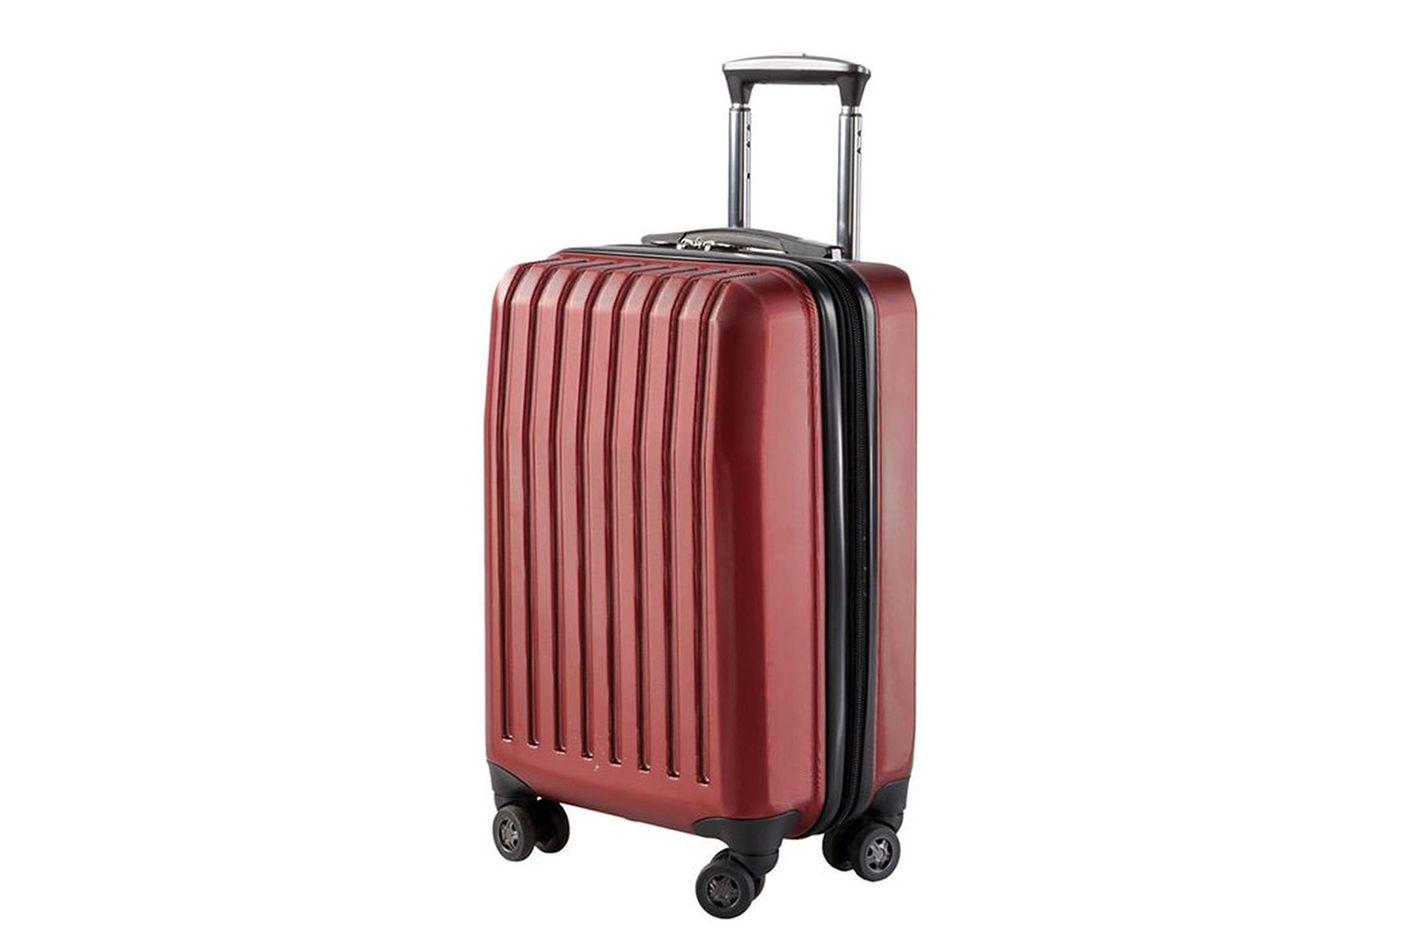 Brookstone Dash 4-Wheeled Expandable Carry-on Luggage